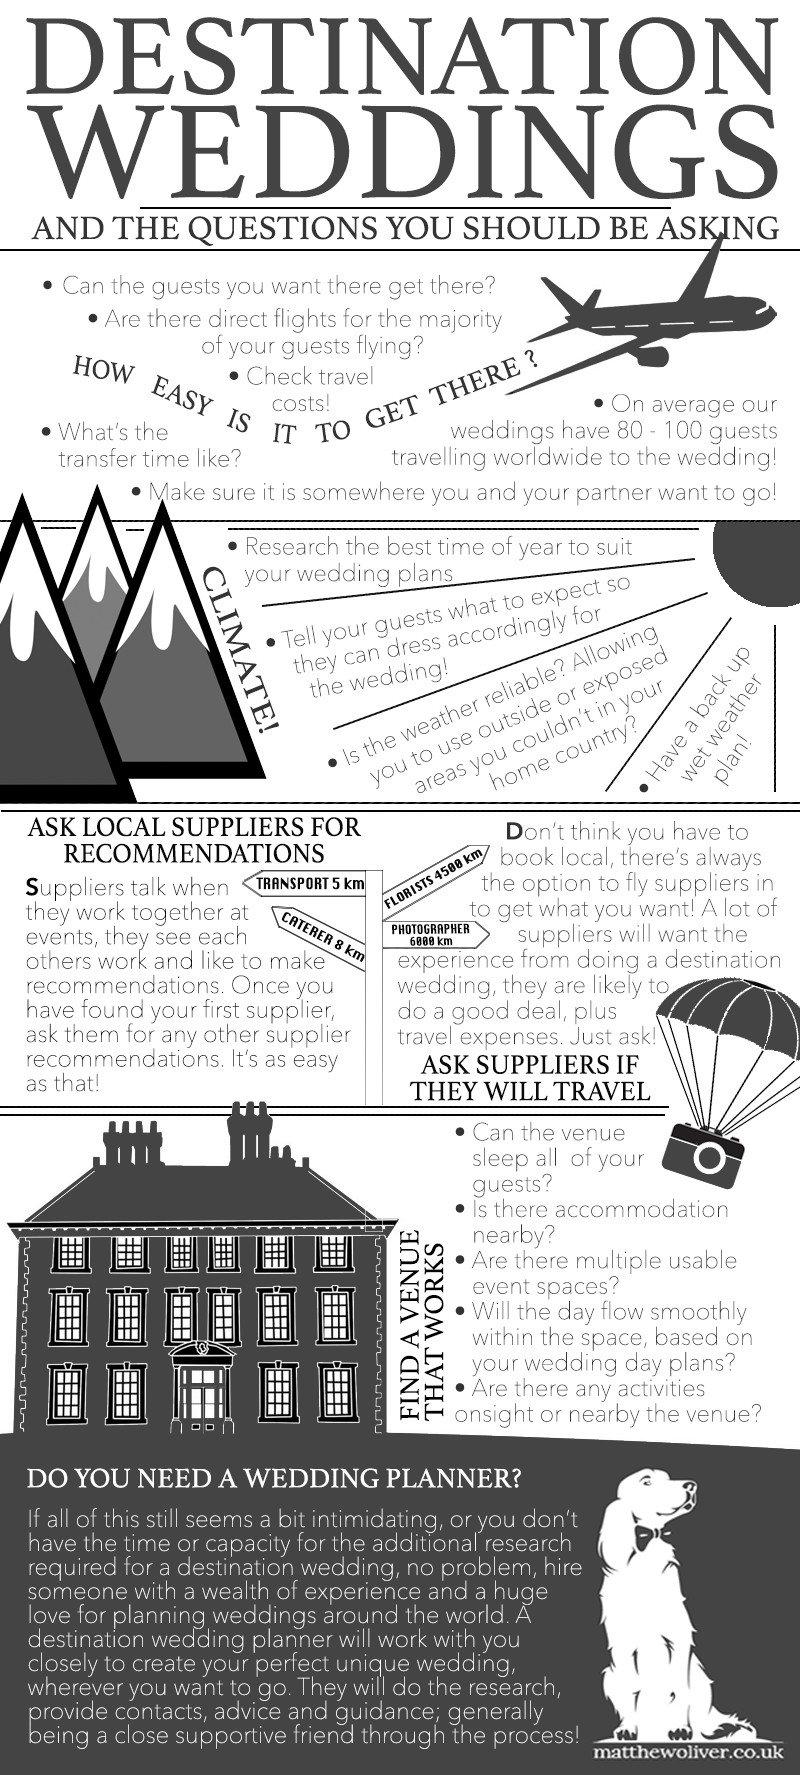 Matthew Oliver - Destination Wedding Planner